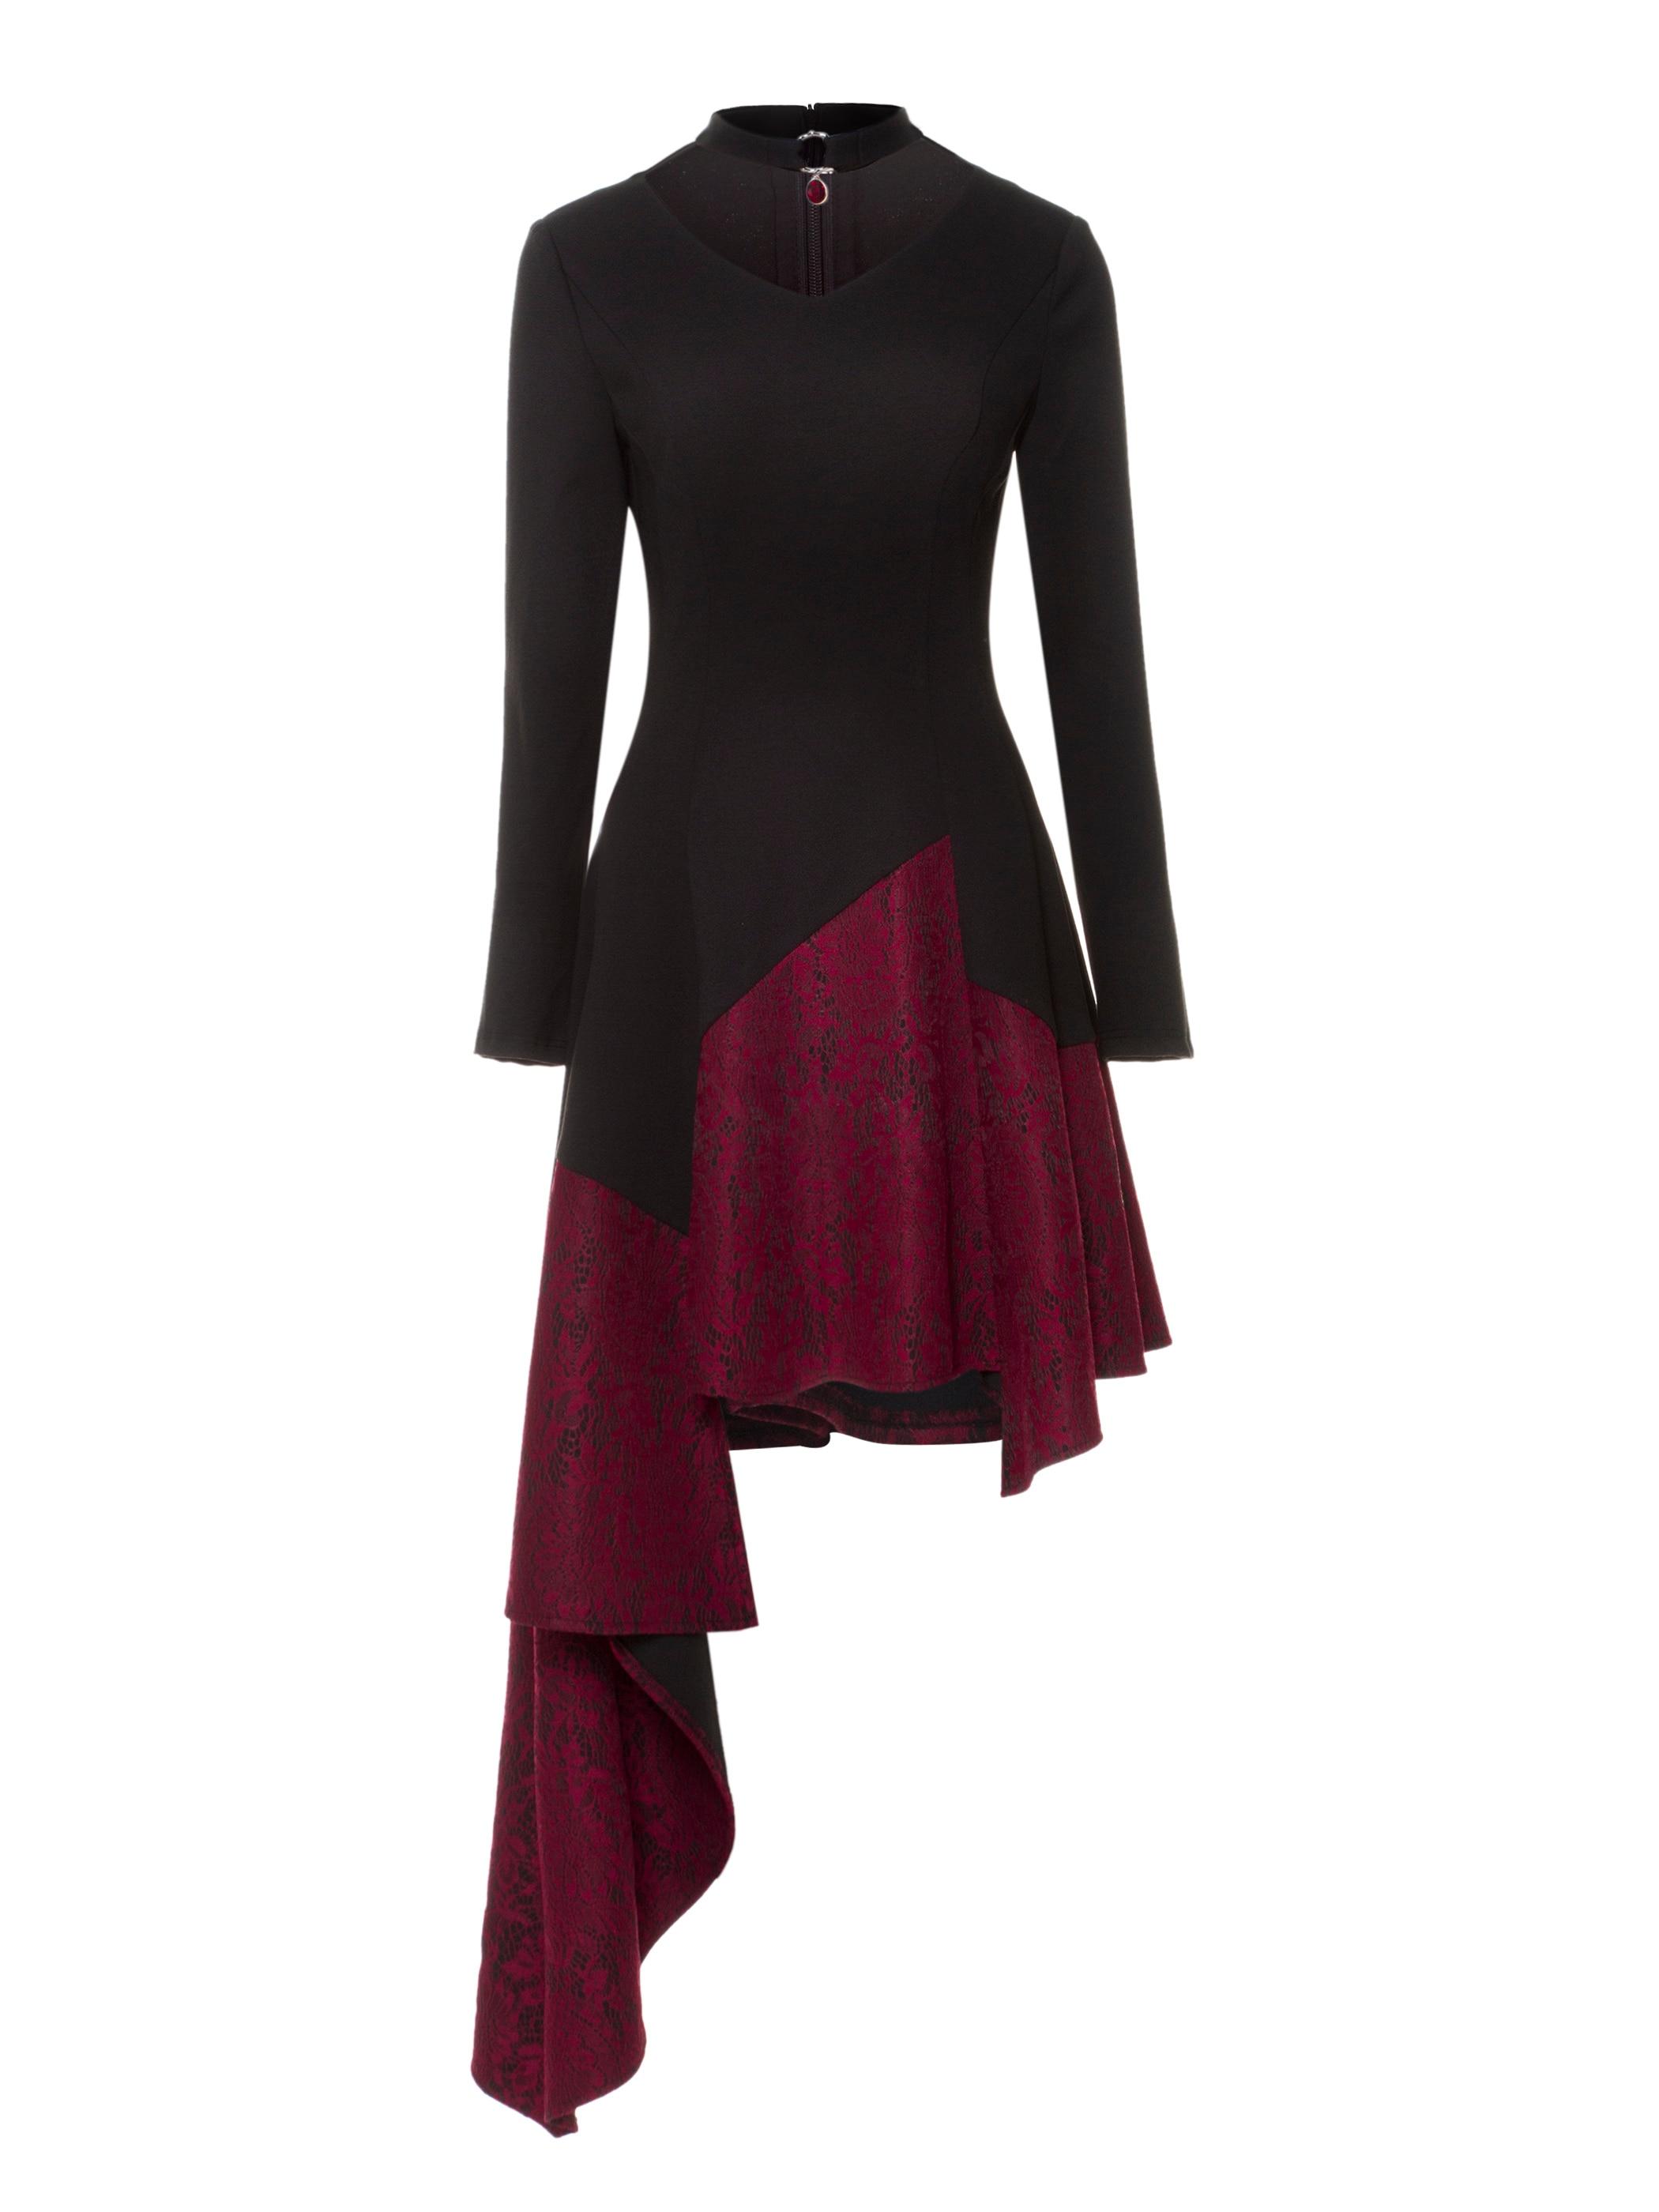 Rosetic moda diseñador de encaje vestido de fiesta mujeres remiendo con huecos asimétrico Hem negro Midi Vestidos Vintage gótico Vestidos Zip